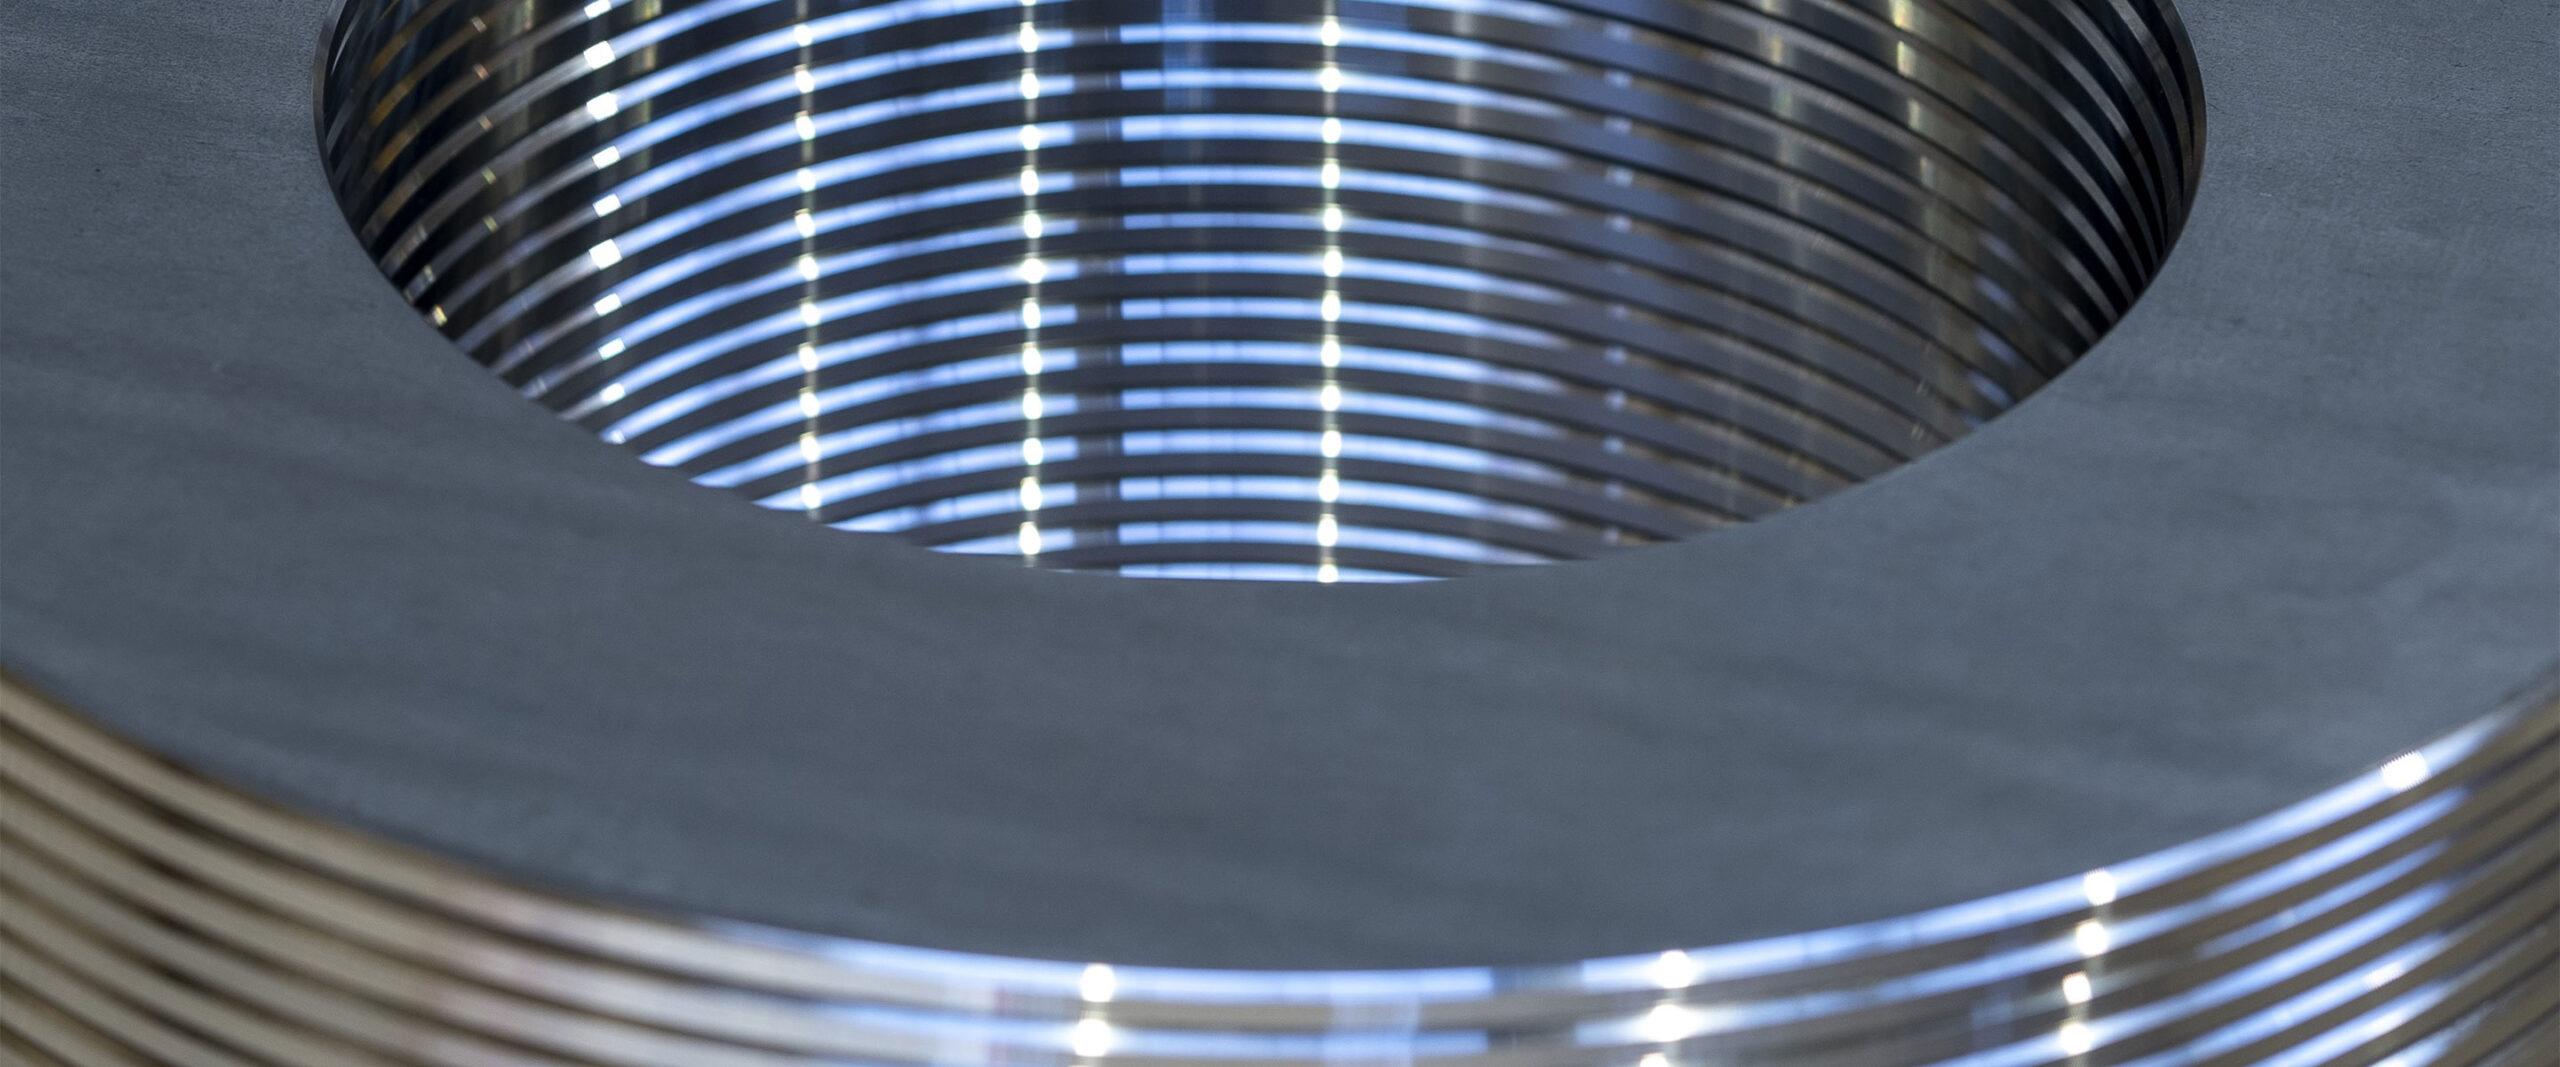 CNC-Fertigung bei LKM Berlin